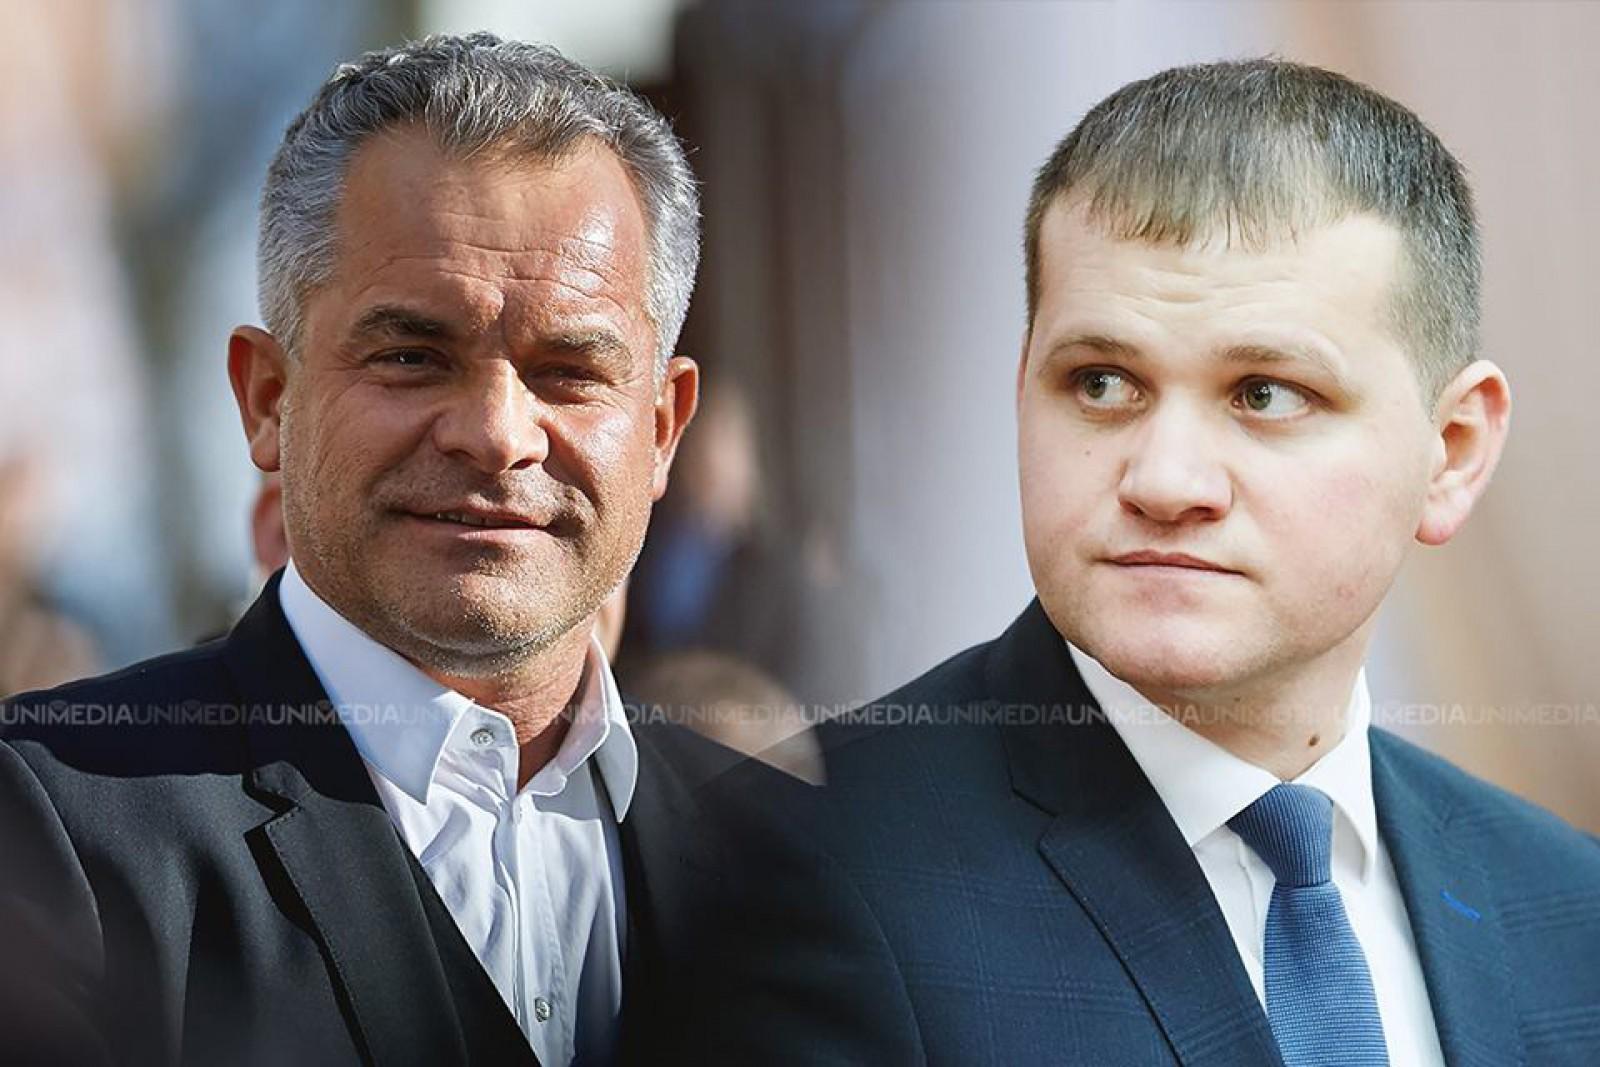 """Valeriu Munteanu, despre proiectul """"Apă bună"""": """"PD continuă să cearnă făină pentru colacii electorali din toamnă"""""""